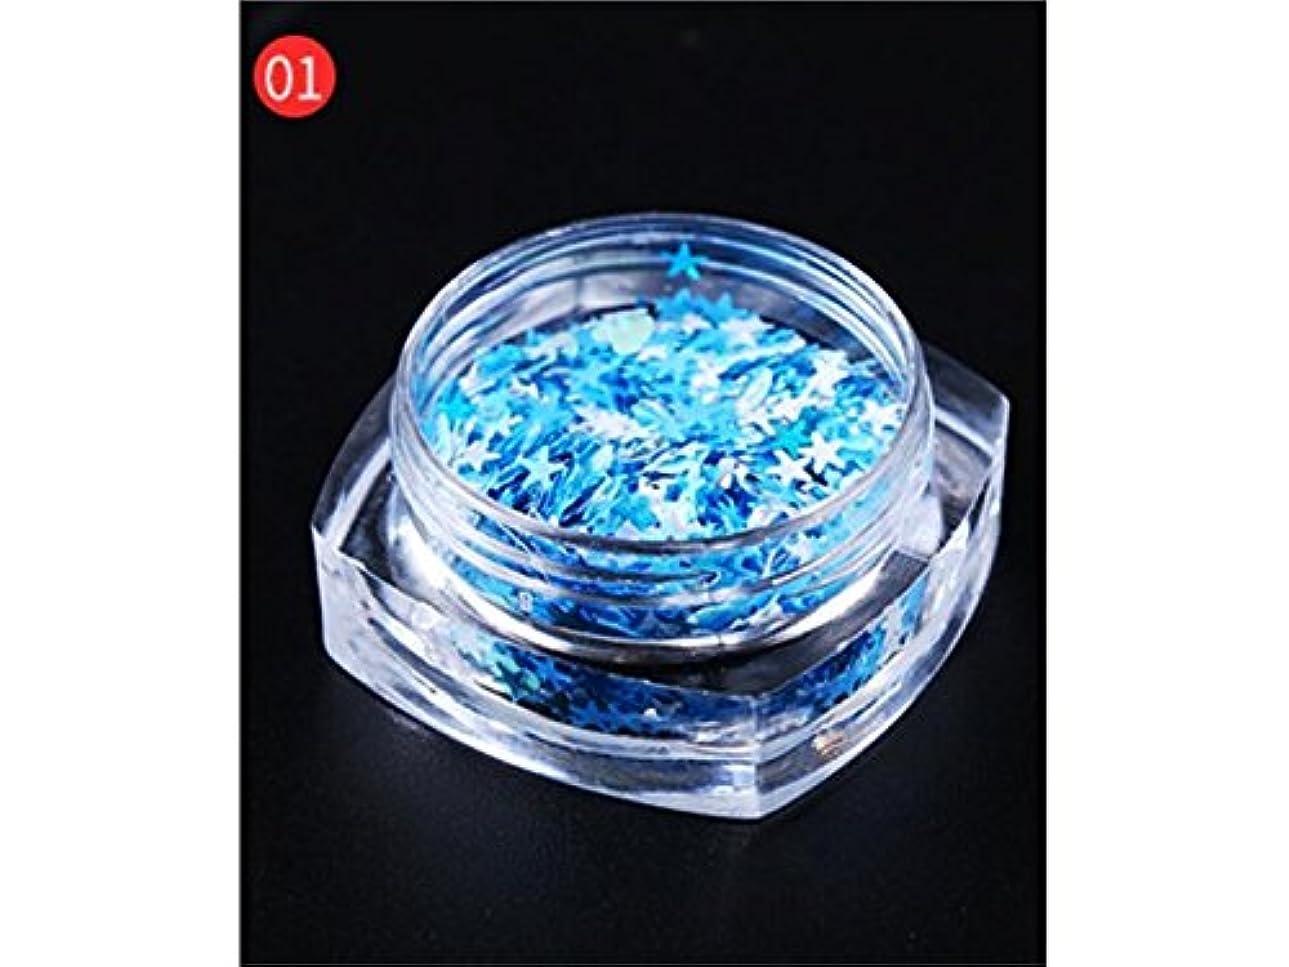 消毒剤まともな孤児Osize DIYのキラキラ輝く星のスパンコールのためのマルチシェイプのキラキラの色鮮やかなスパンコールはネイルアートと装飾(青)